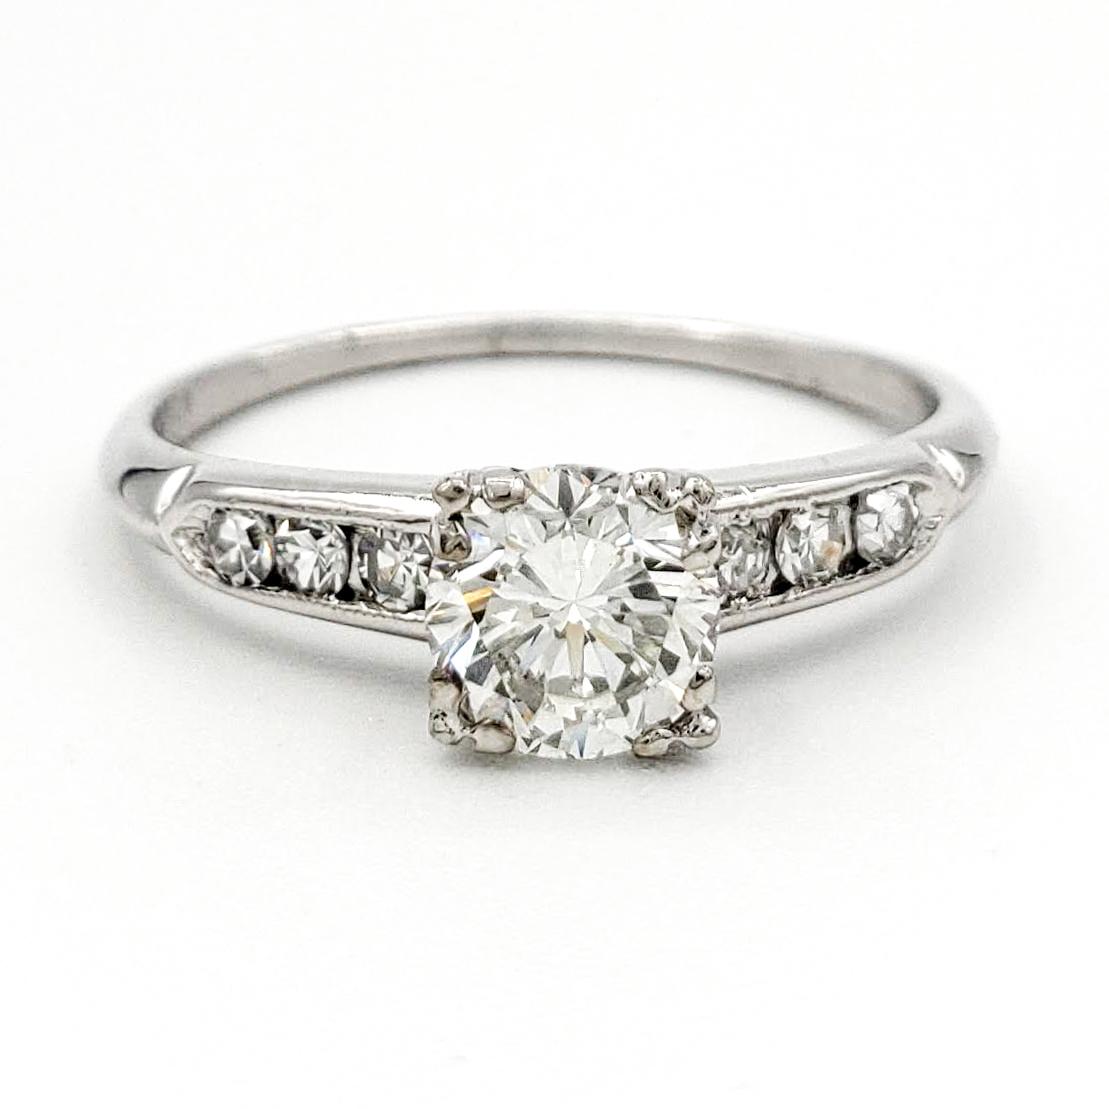 vintage-platinum-engagement-ring-with-0-56-carat-round-brilliant-cut-diamond-egl-h-vs2